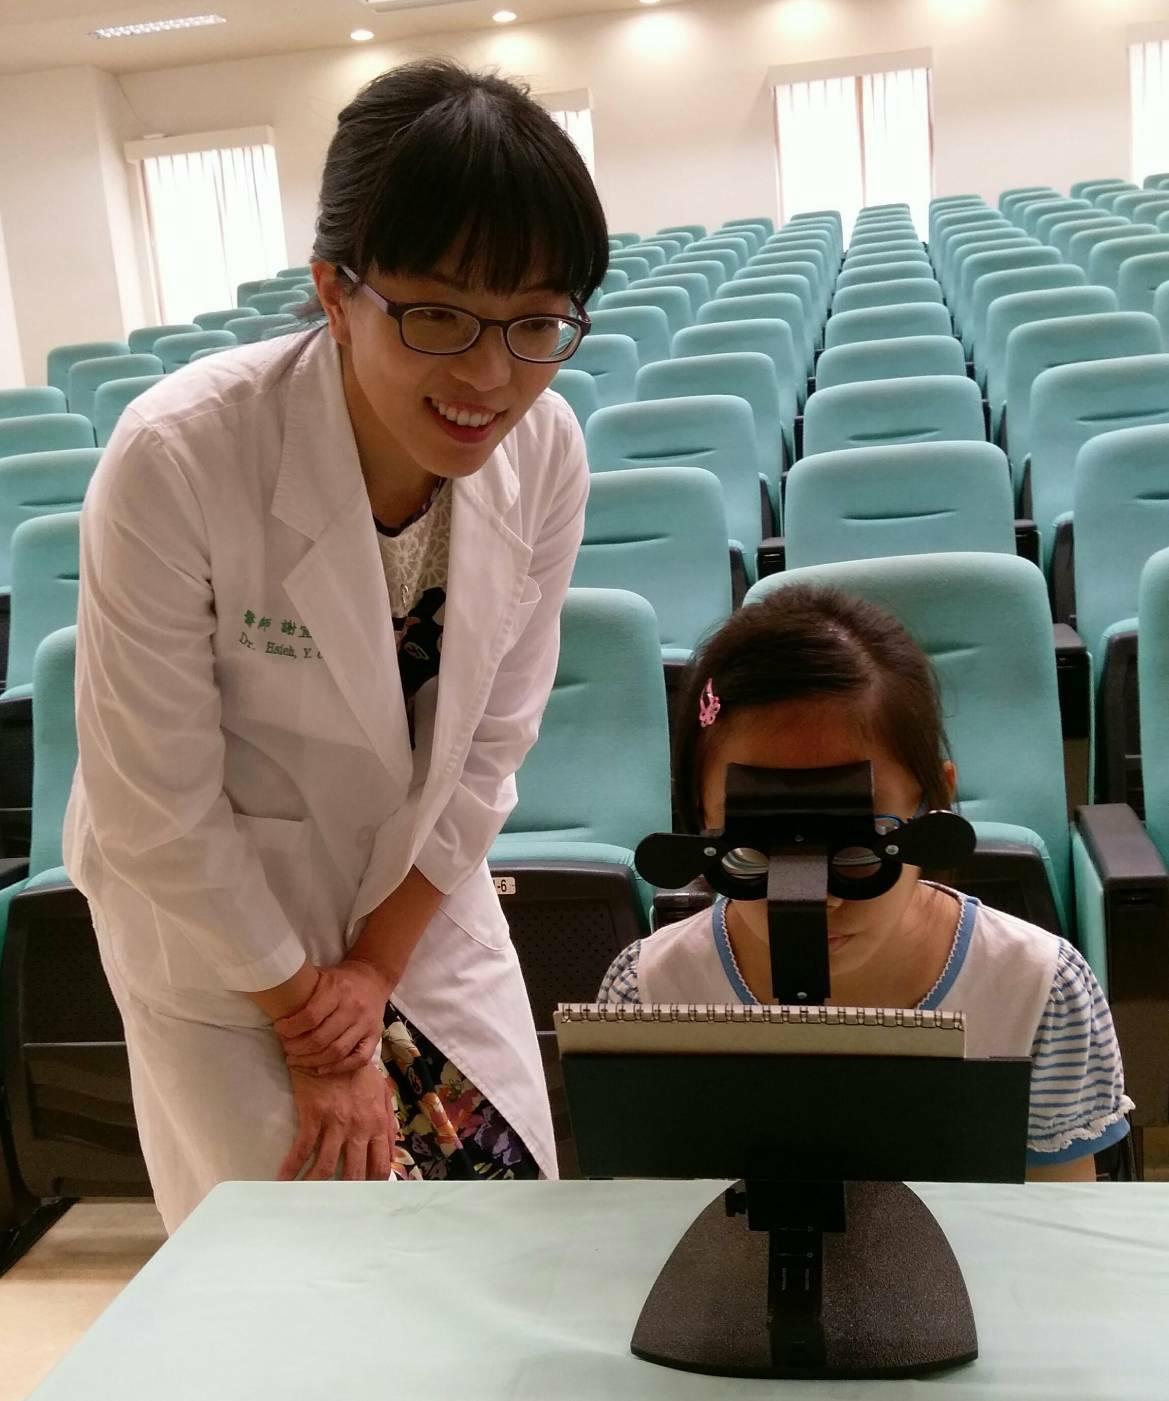 中國醫藥大學兒童醫院兒童眼科醫師謝宜靜說,複合式視覺功能訓練讓患者視力恢復到了標...